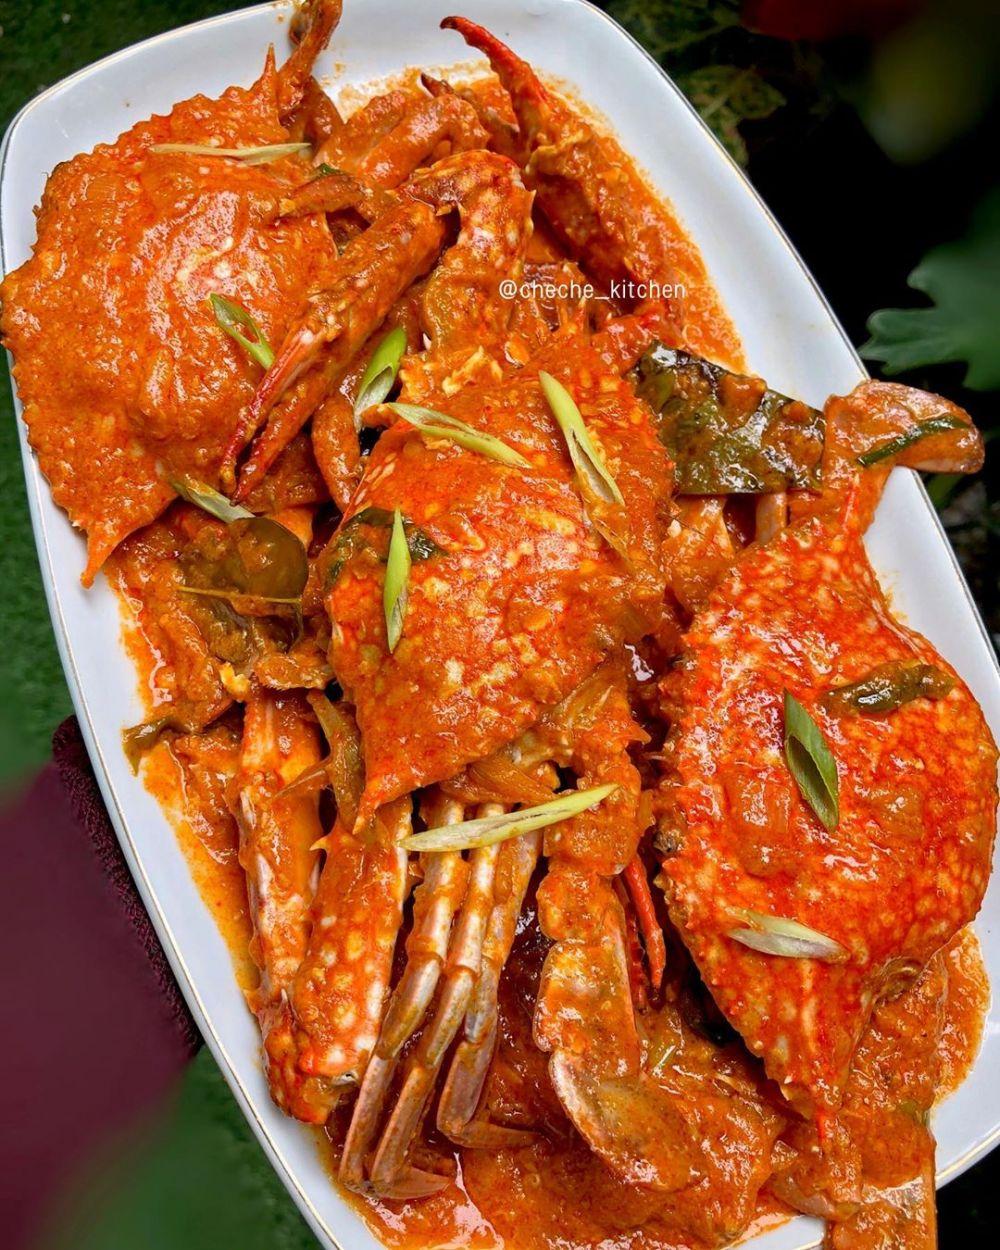 Resep Kepiting Kuah : resep, kepiting, Memasak, Kepiting, Manis, Aneka, Saus,, Enak,, Mudah